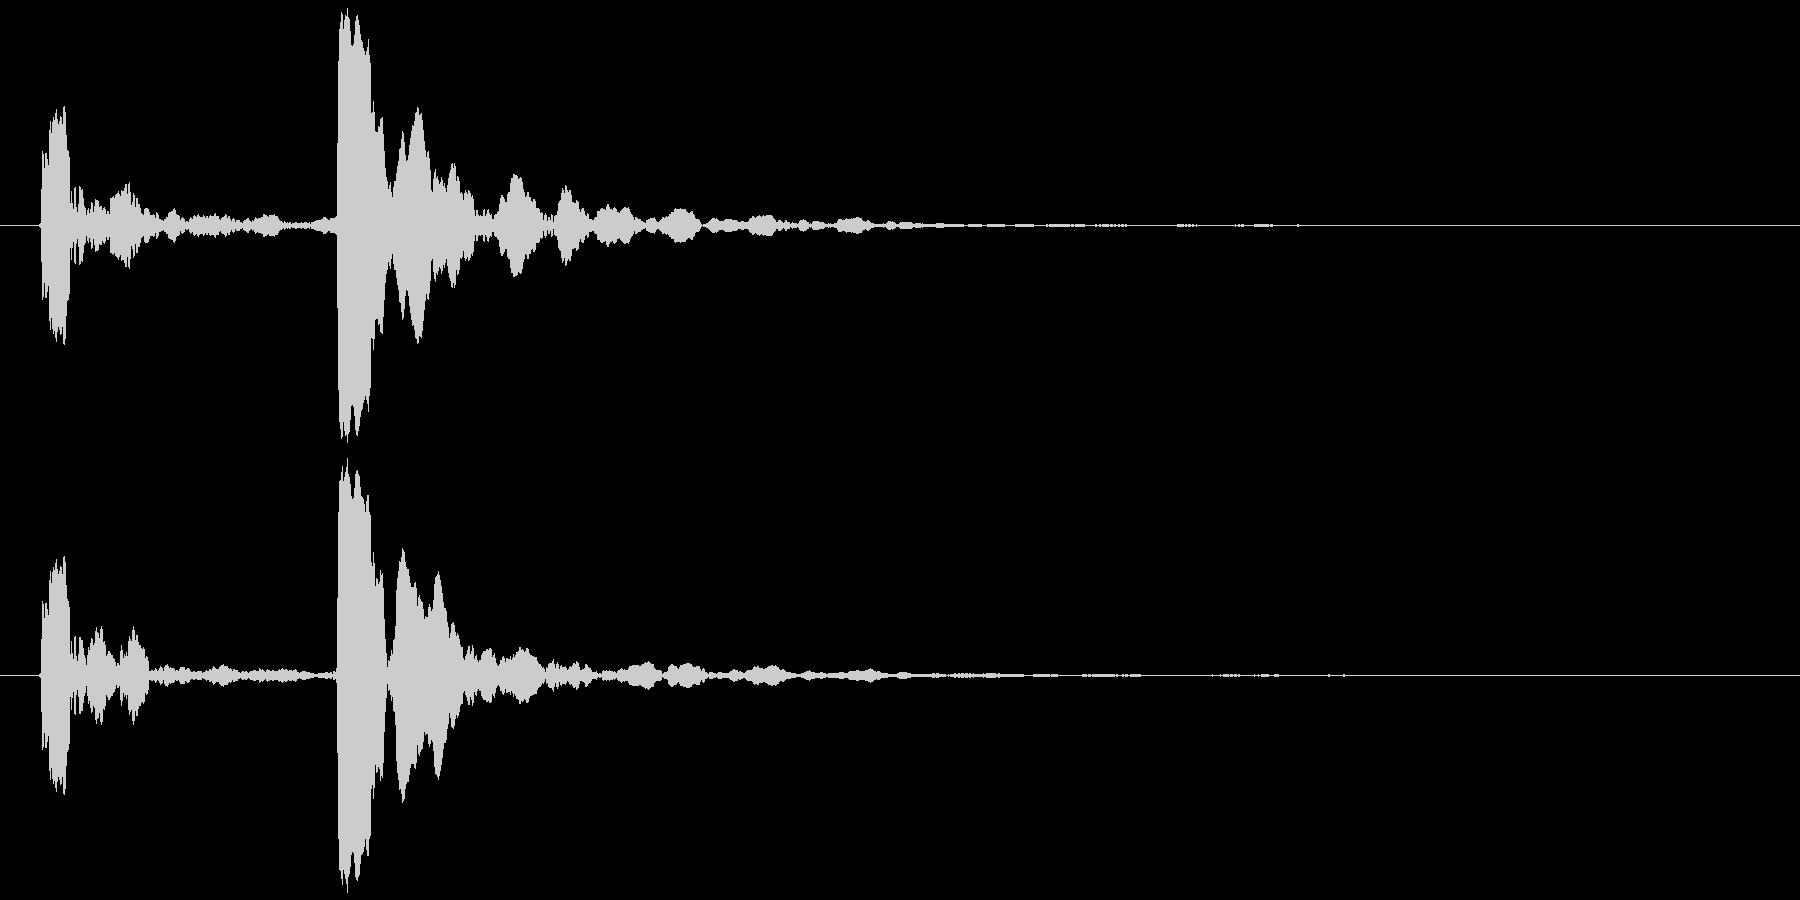 水滴 一滴 ピチョン(鋭い)の未再生の波形